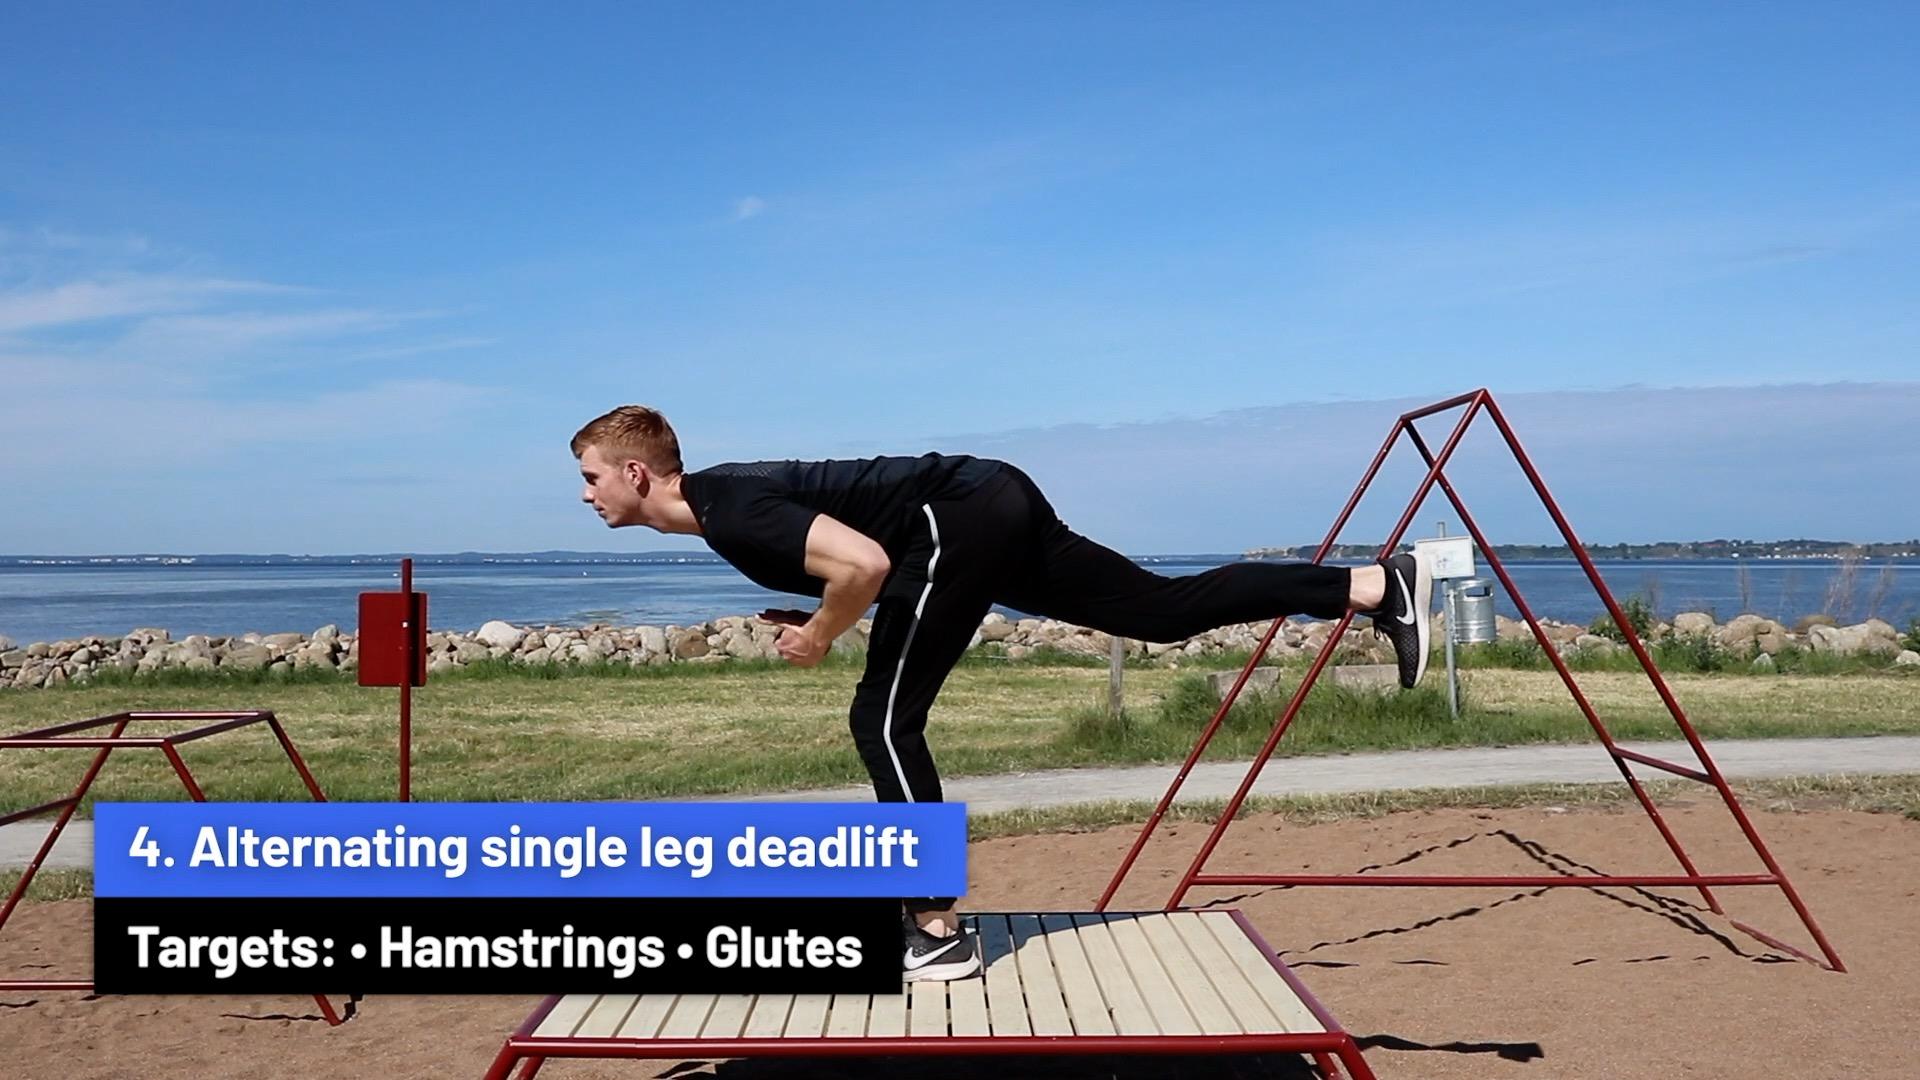 Alternating single leg deadlift